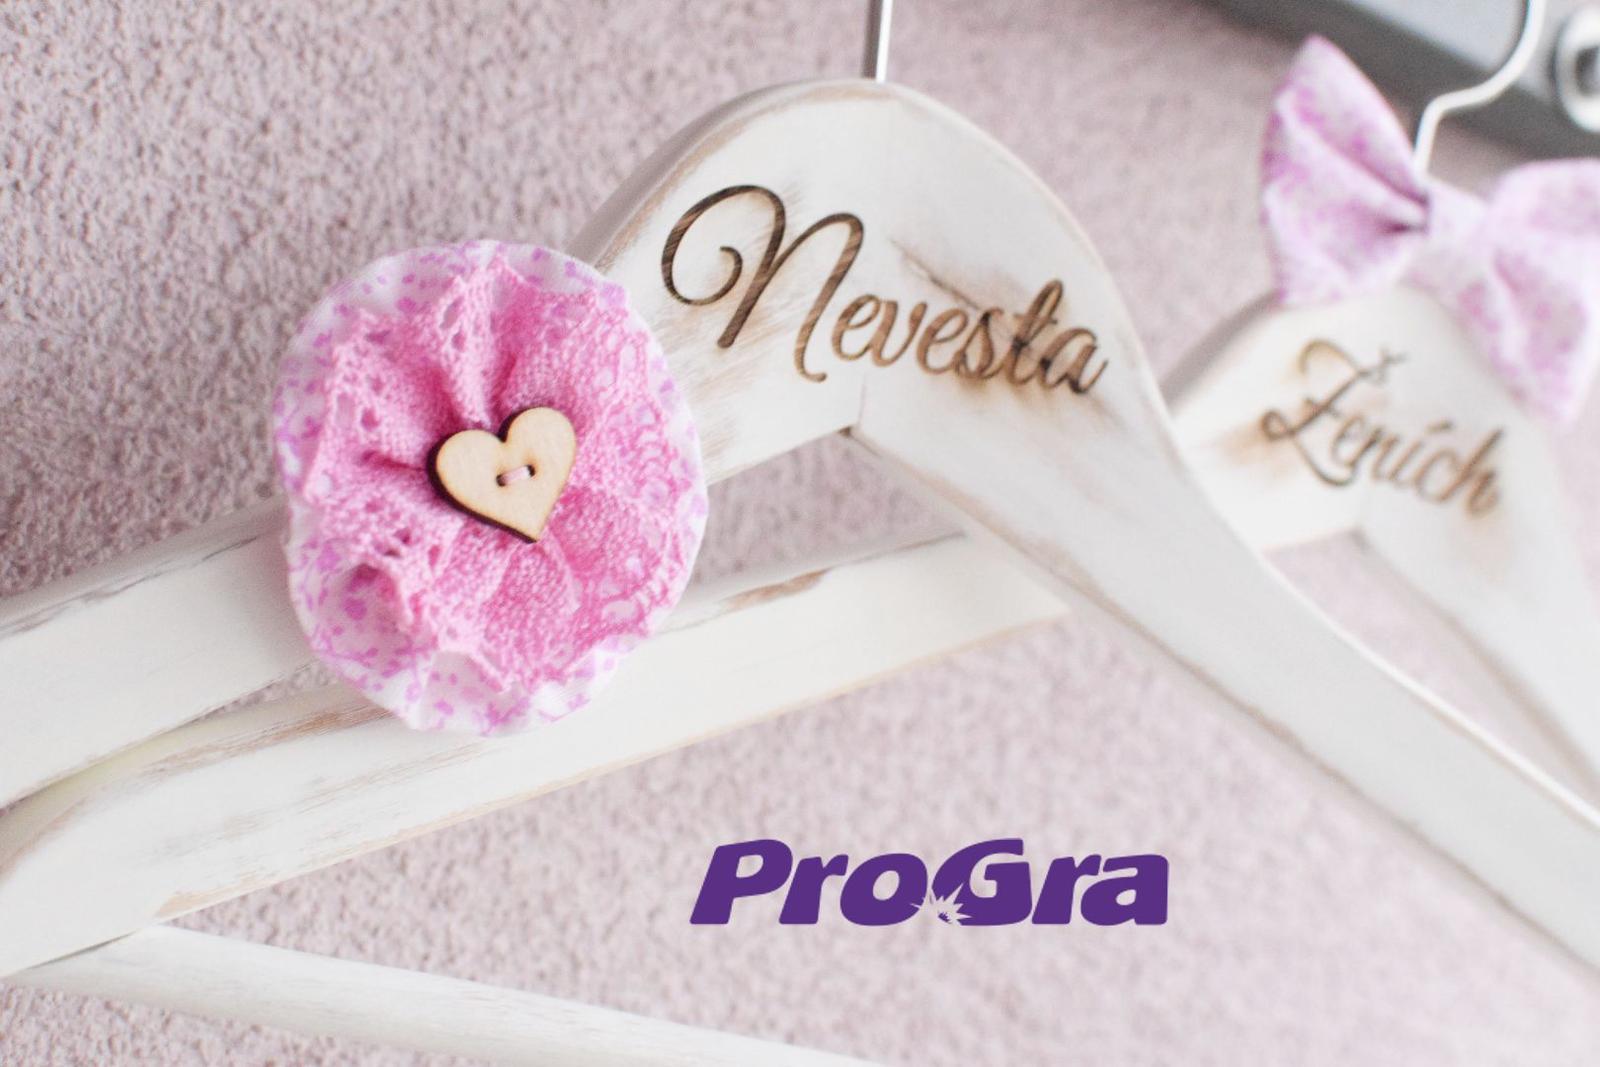 Detaily pre Váš svadobný deň - krásne vintage vešiačiky v ružovo-bielom prevedení